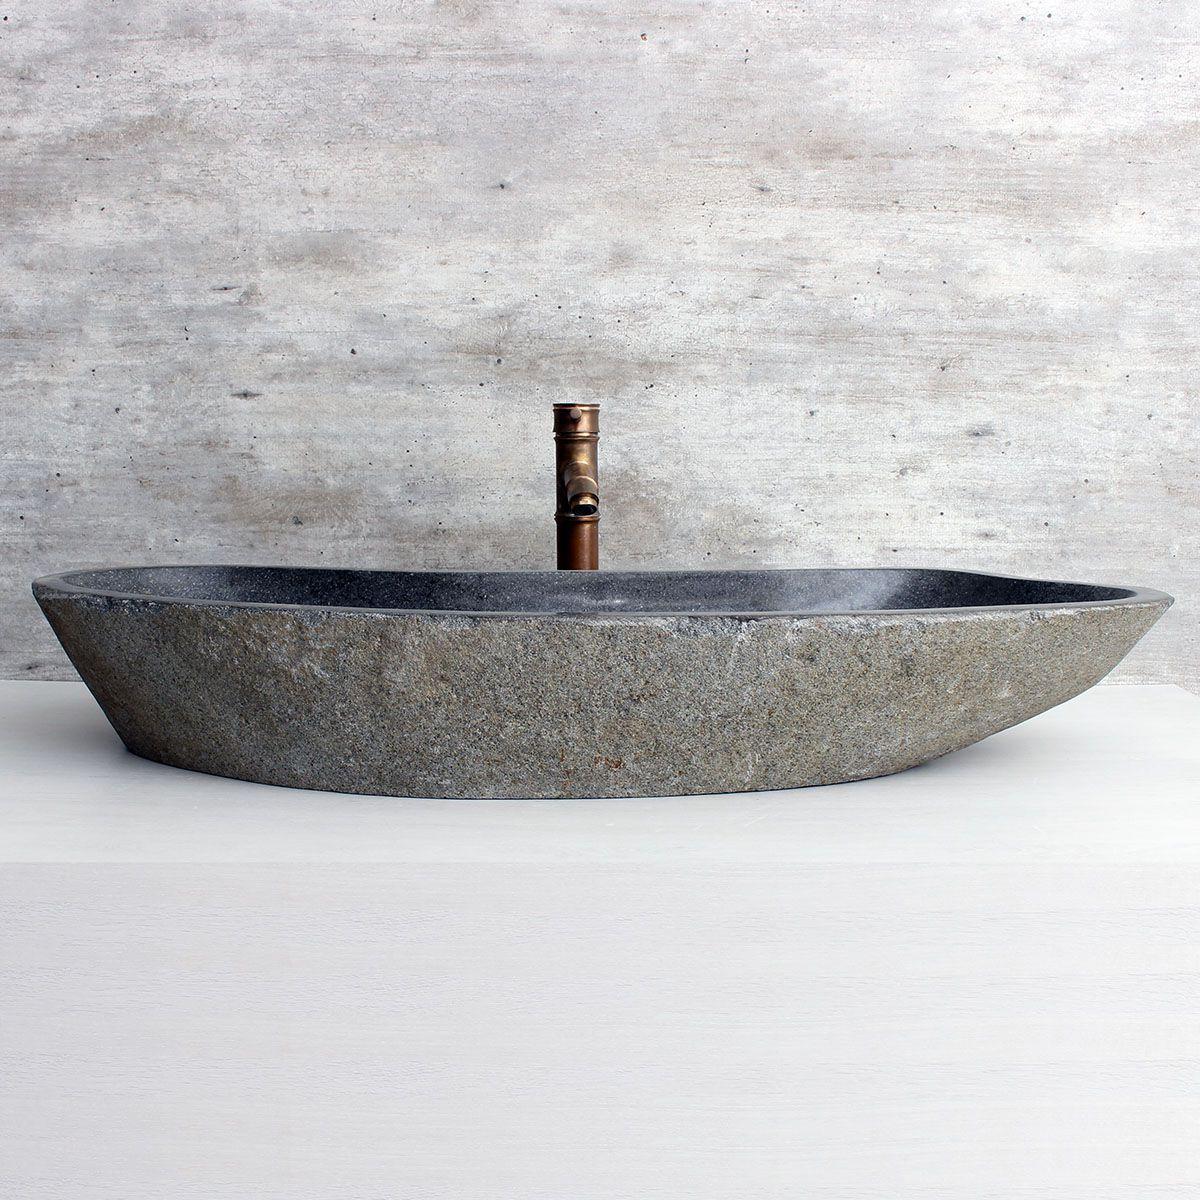 Cuba de Banheiro em Pedra Natural XXXL01-L 98x38x15cm